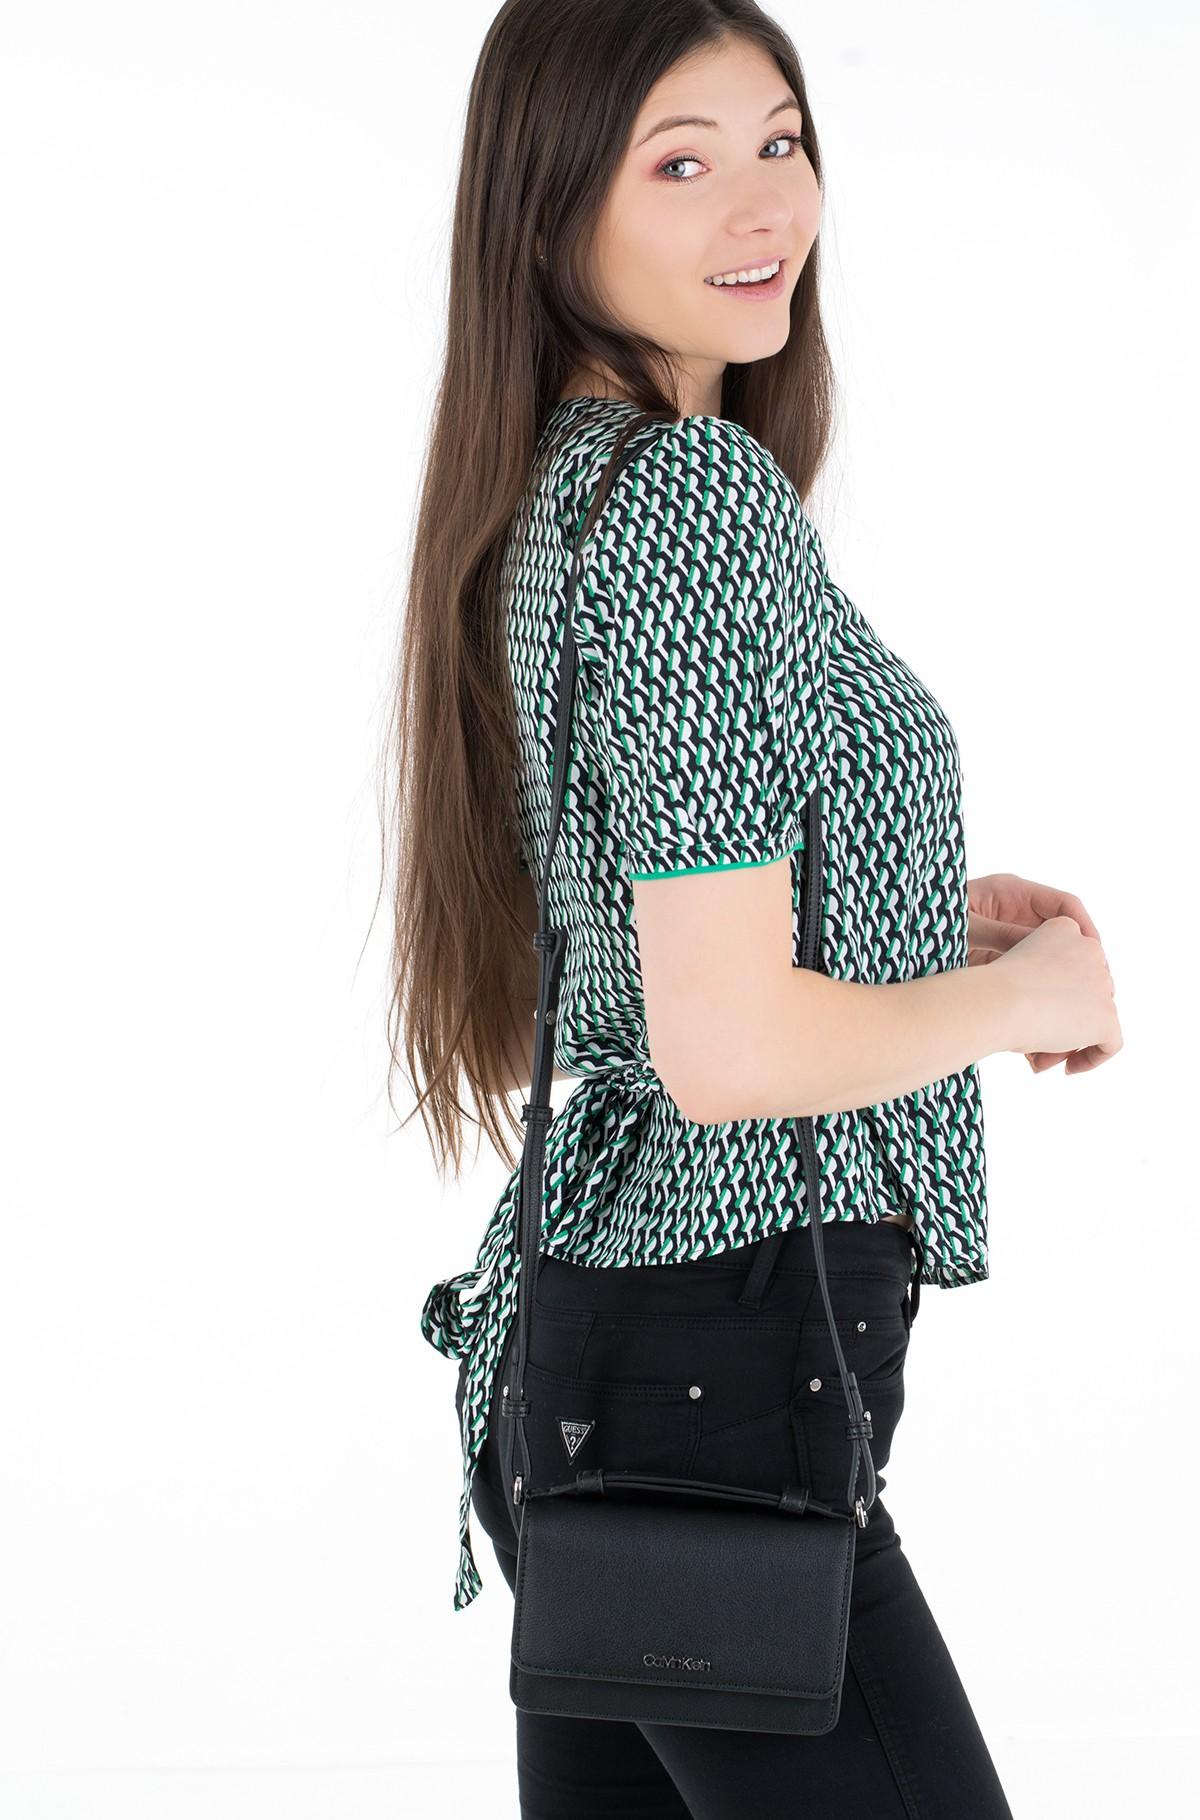 Shoulder bag/purse FLAP WALLET MINI BAG W/TOP H-full-1